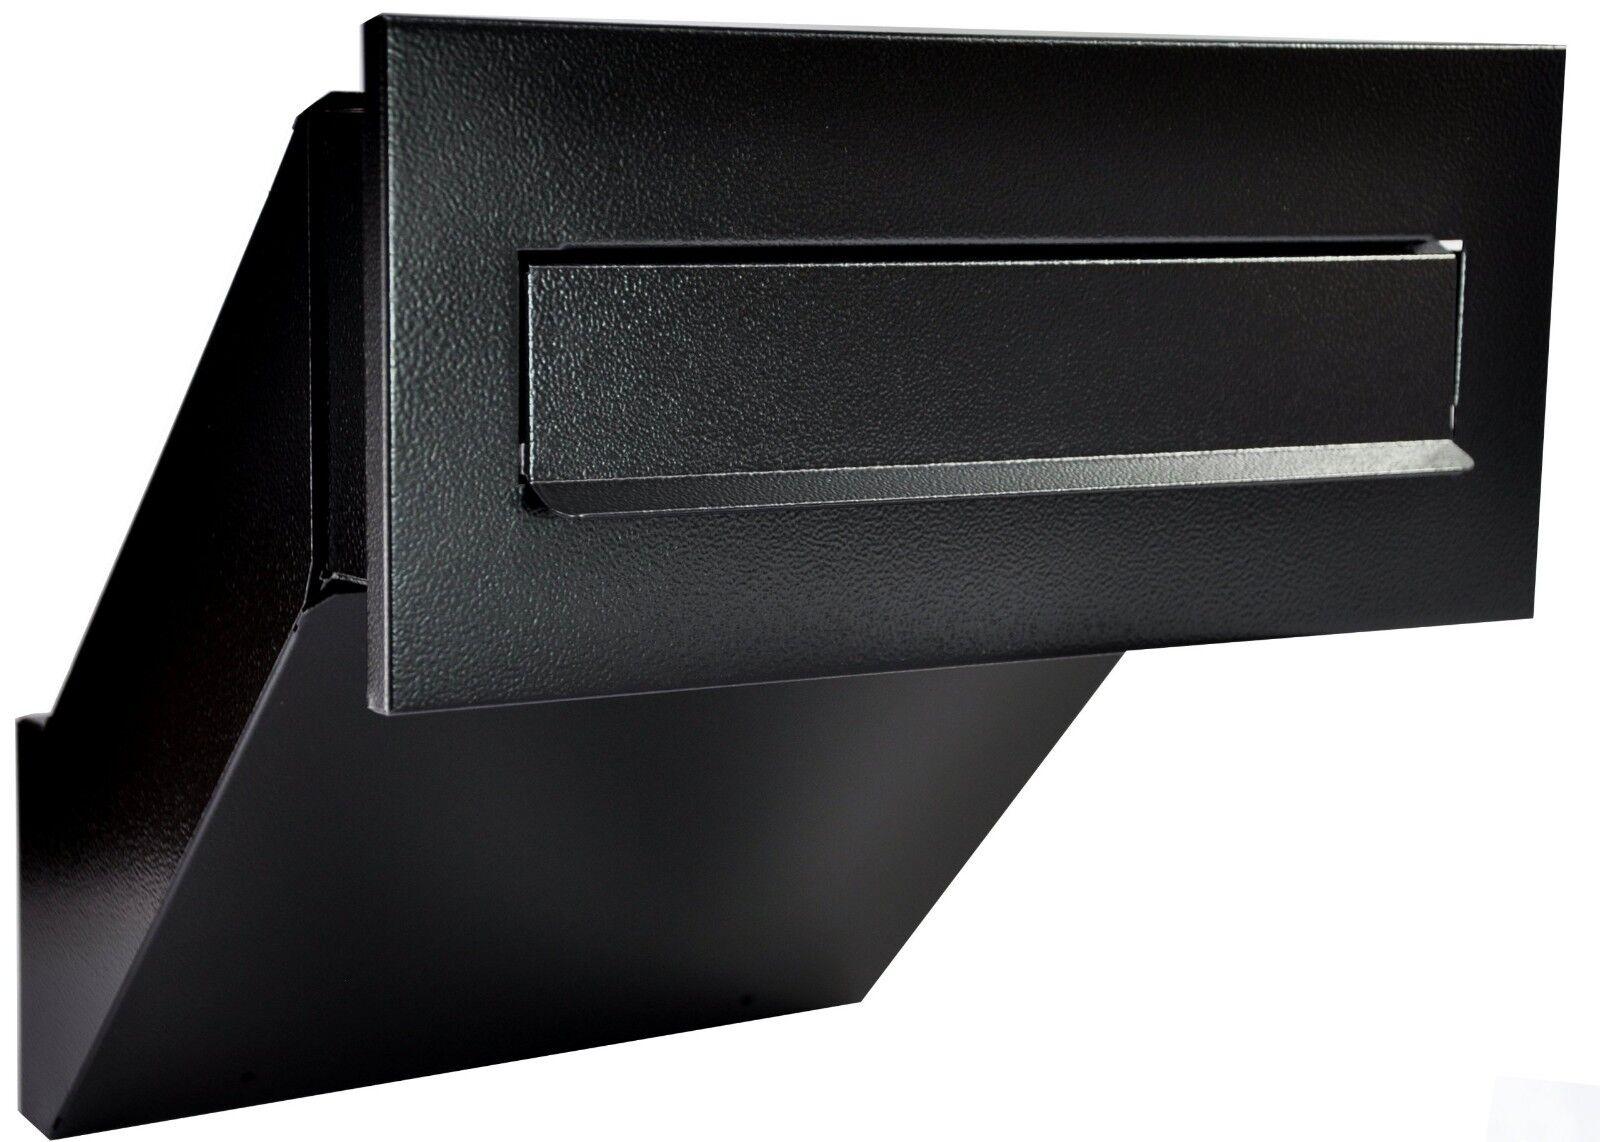 Mauerdurchwurf Briefkasten Einbaubriefkasten Schwarz Antik + Aufschrift